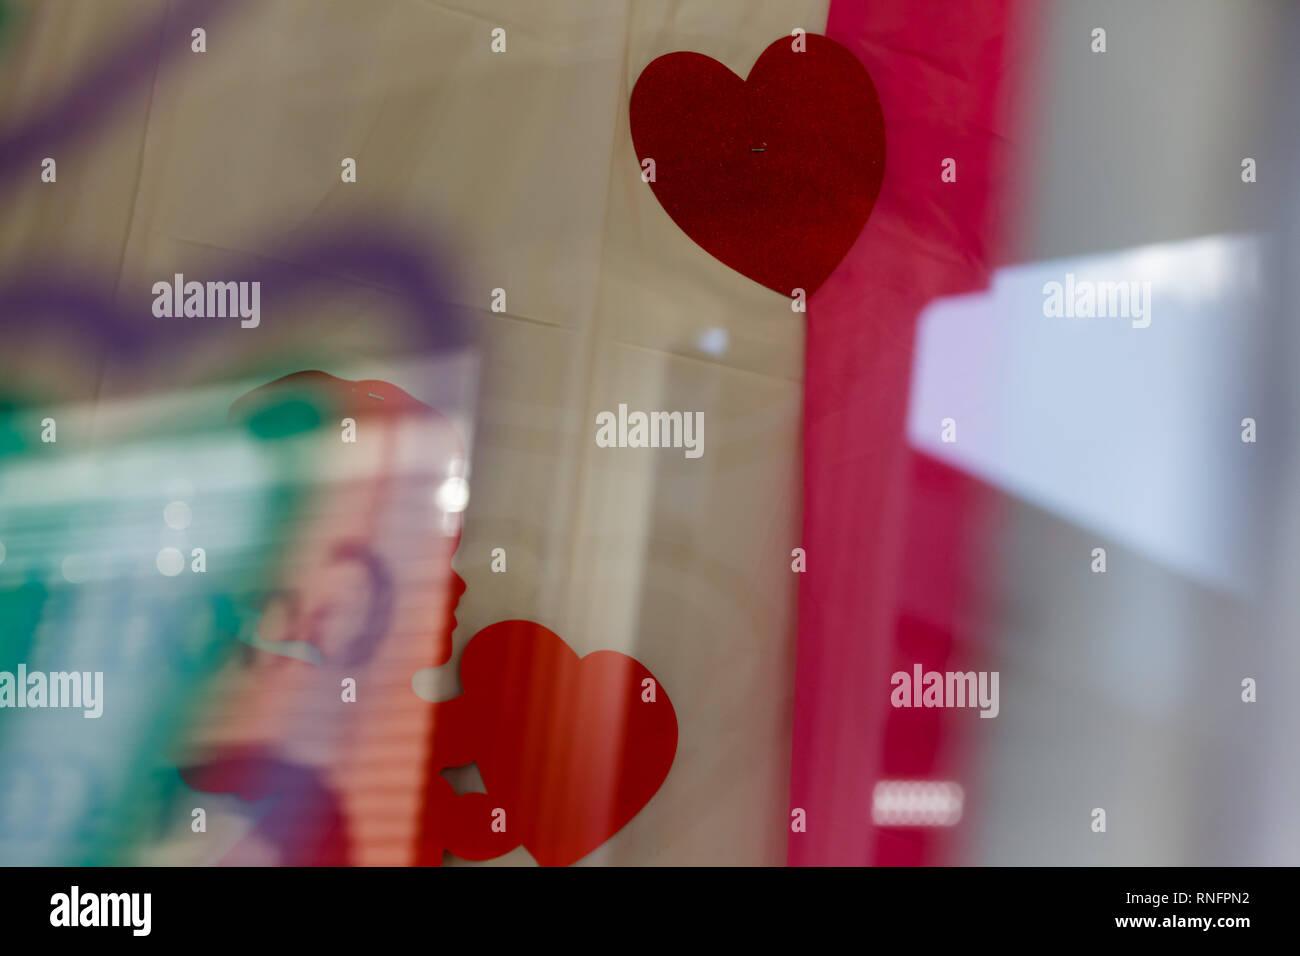 La ventana de la panadería, vestido para el Día de San Valentín. Imagen De Stock